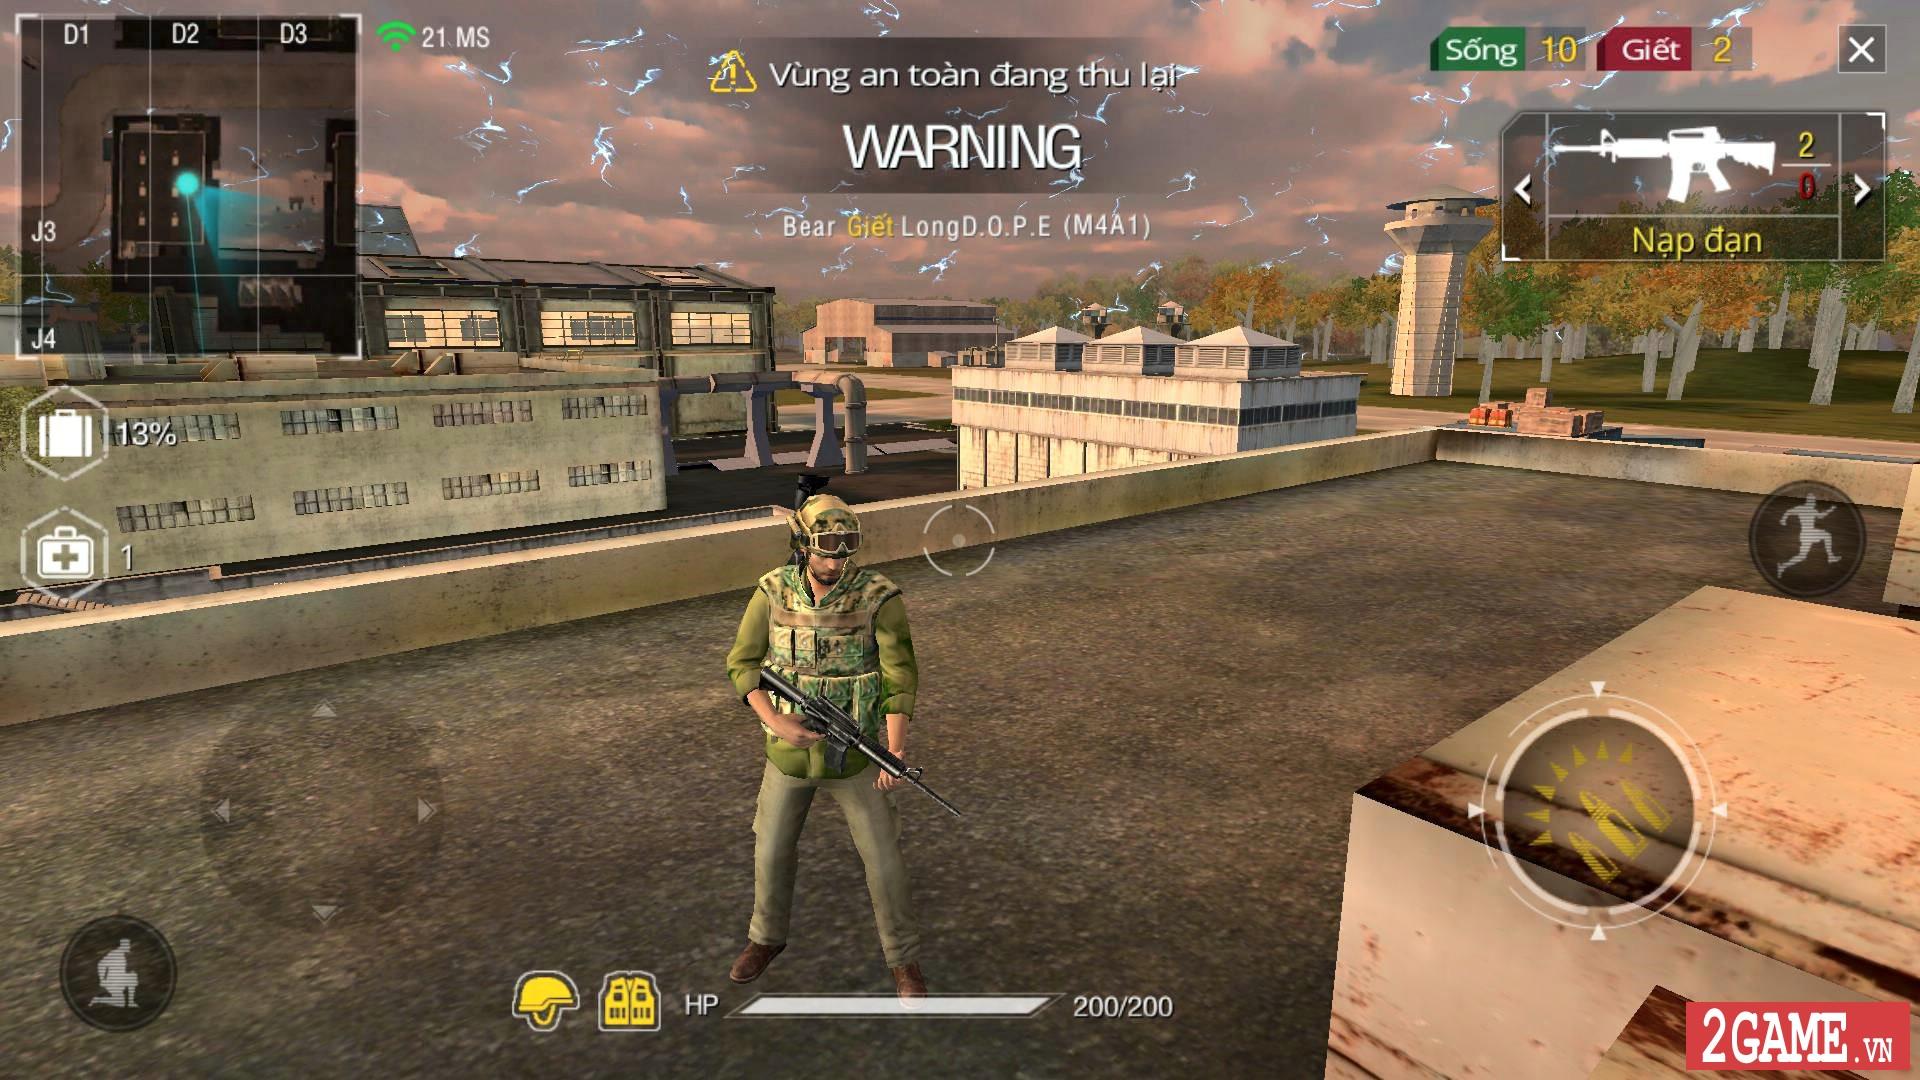 11 game online đã đến tay game thủ Việt trong tháng 9 1